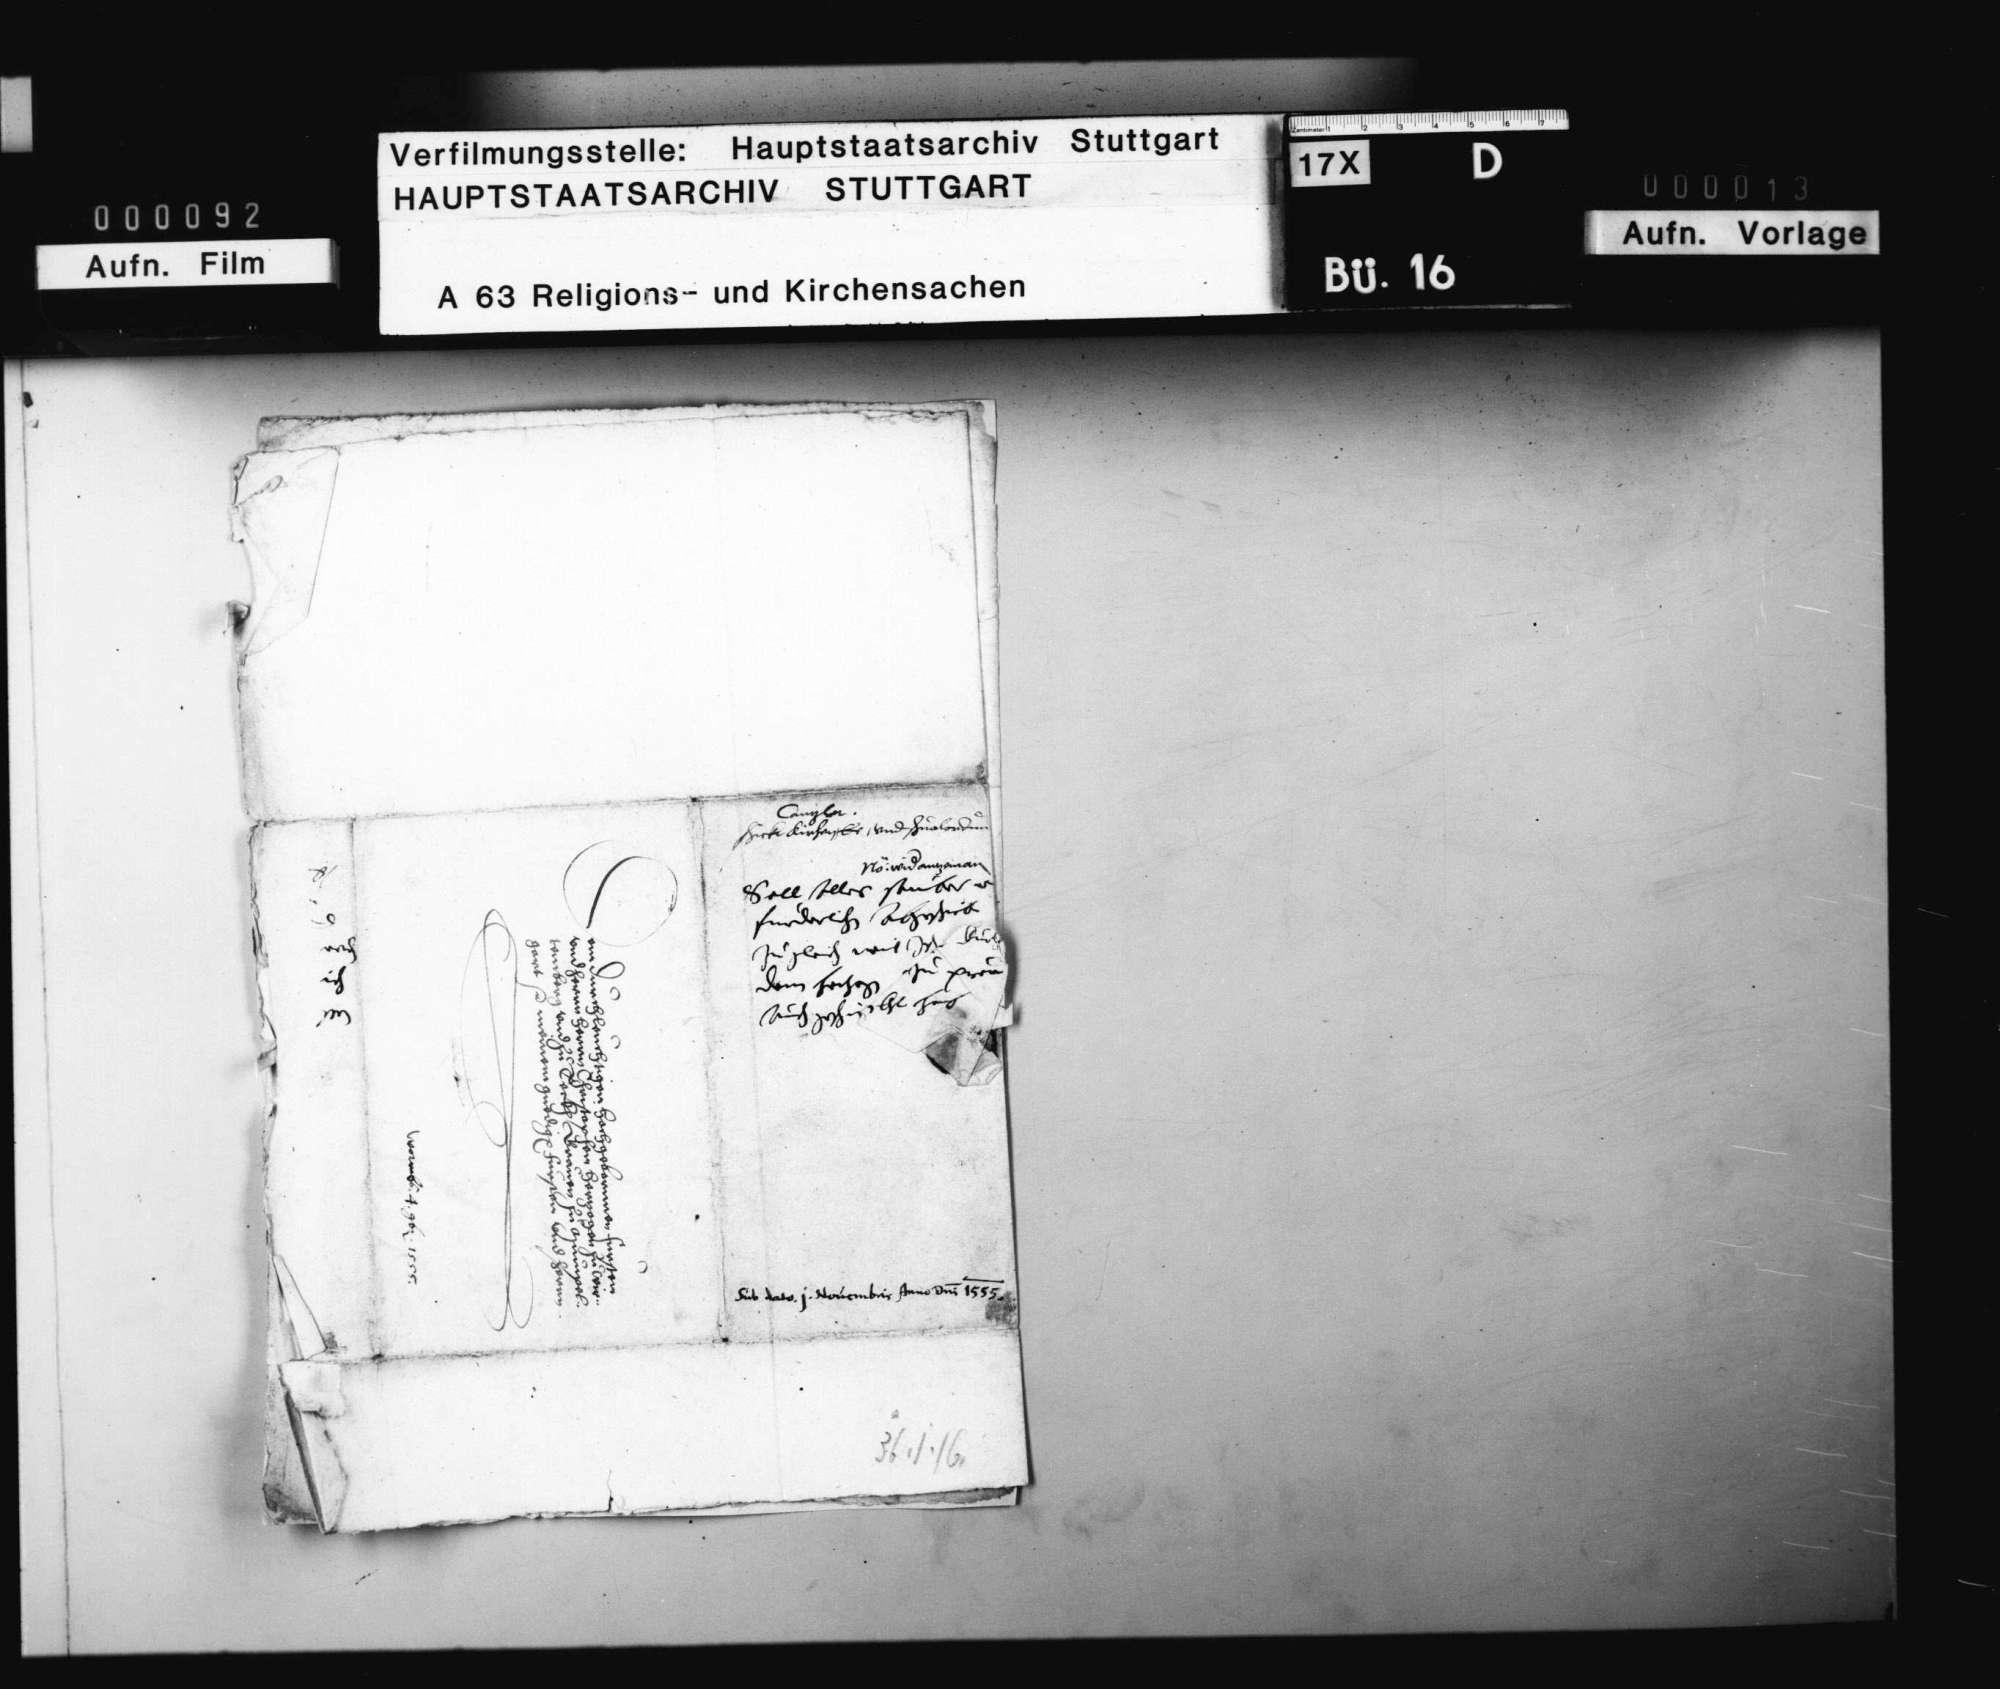 Bericht des Kanzler Feßler betreffend die ungedruckten verschiedenen Einzelordnungen (über 250 Blätter z.B. im Amt Bietigheim) in Kirchensachen., Bild 3